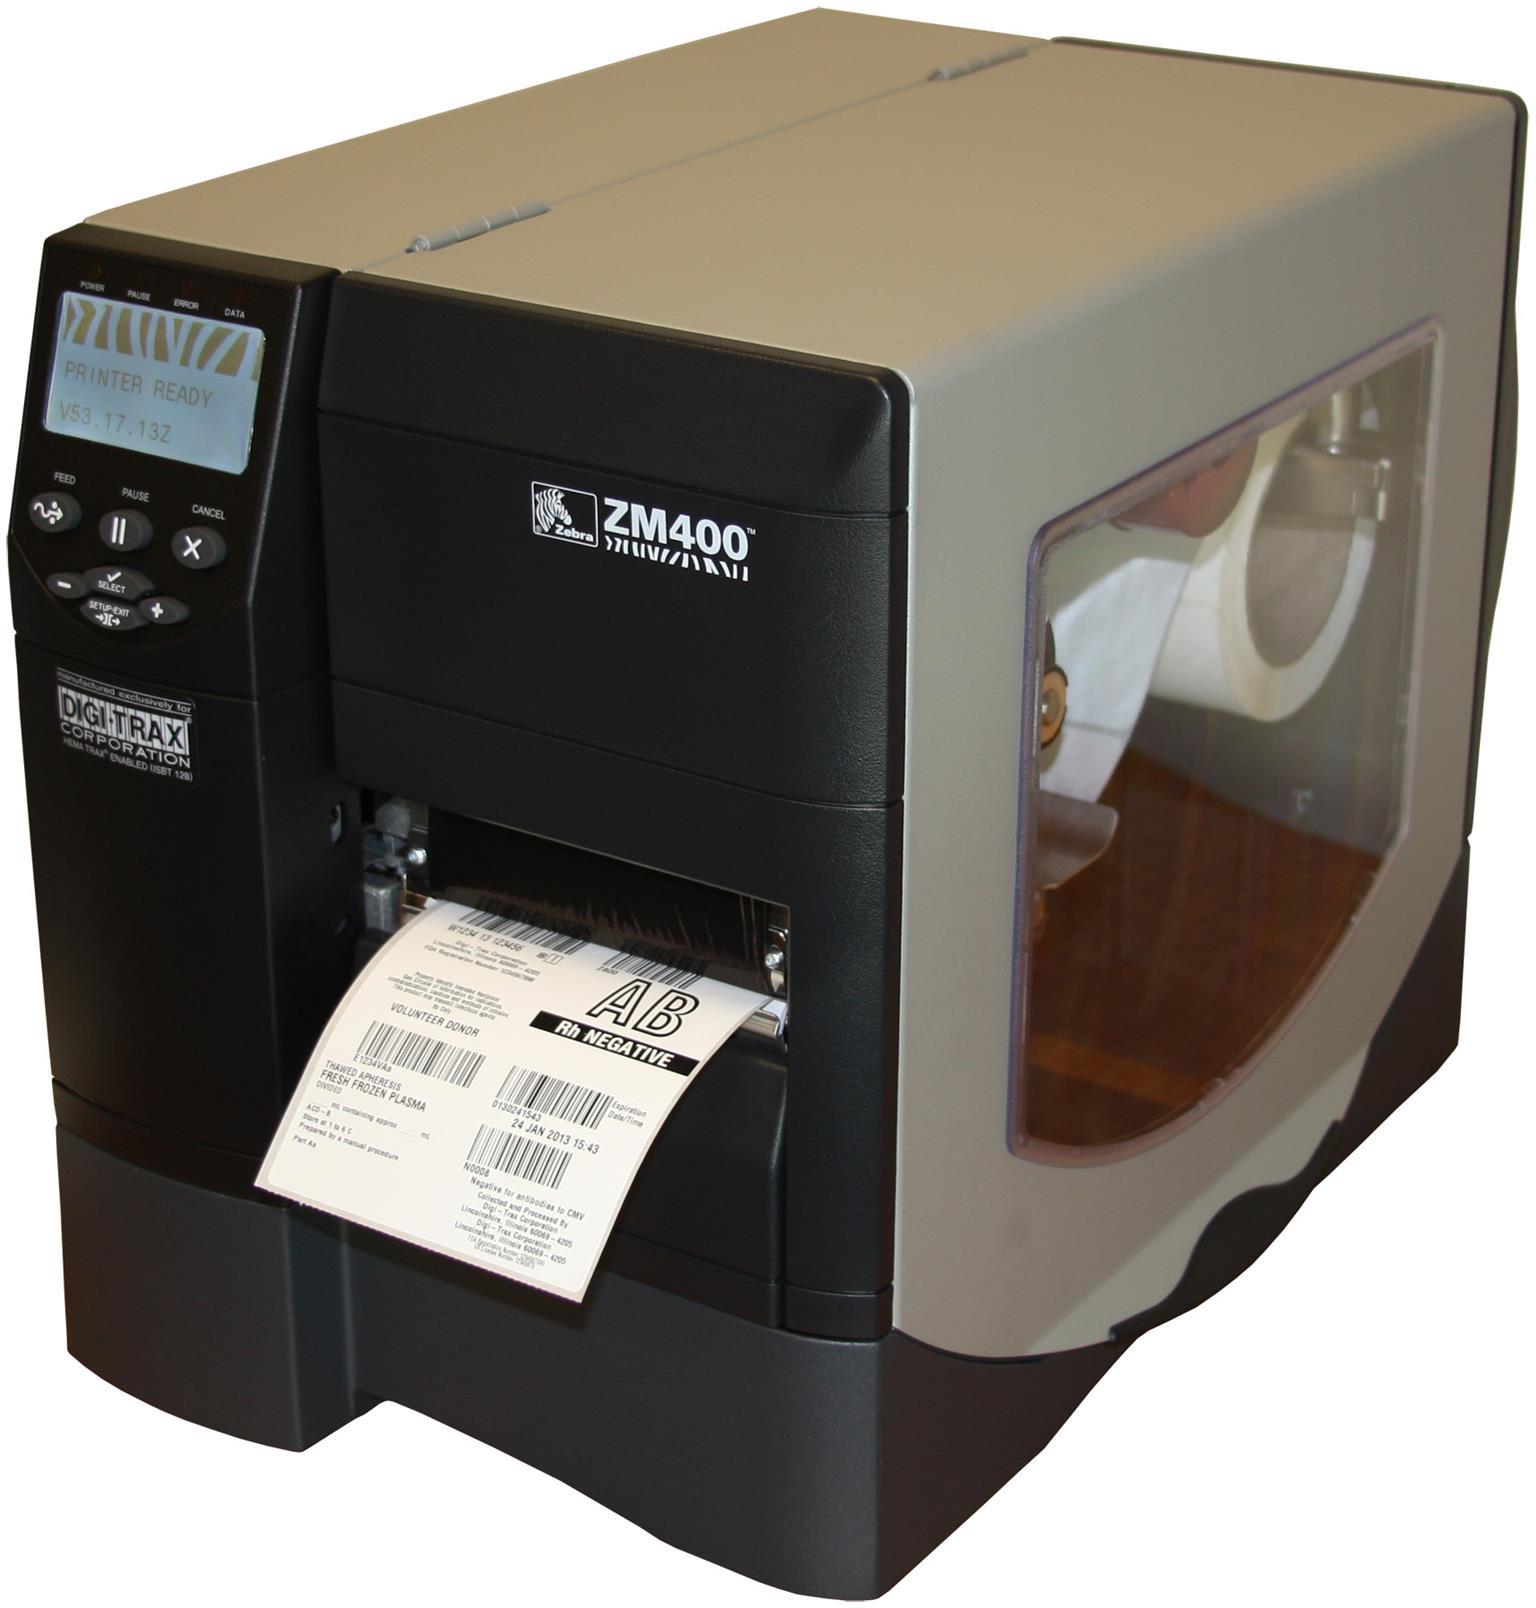 Zebra Z400 Industrial Label Printer